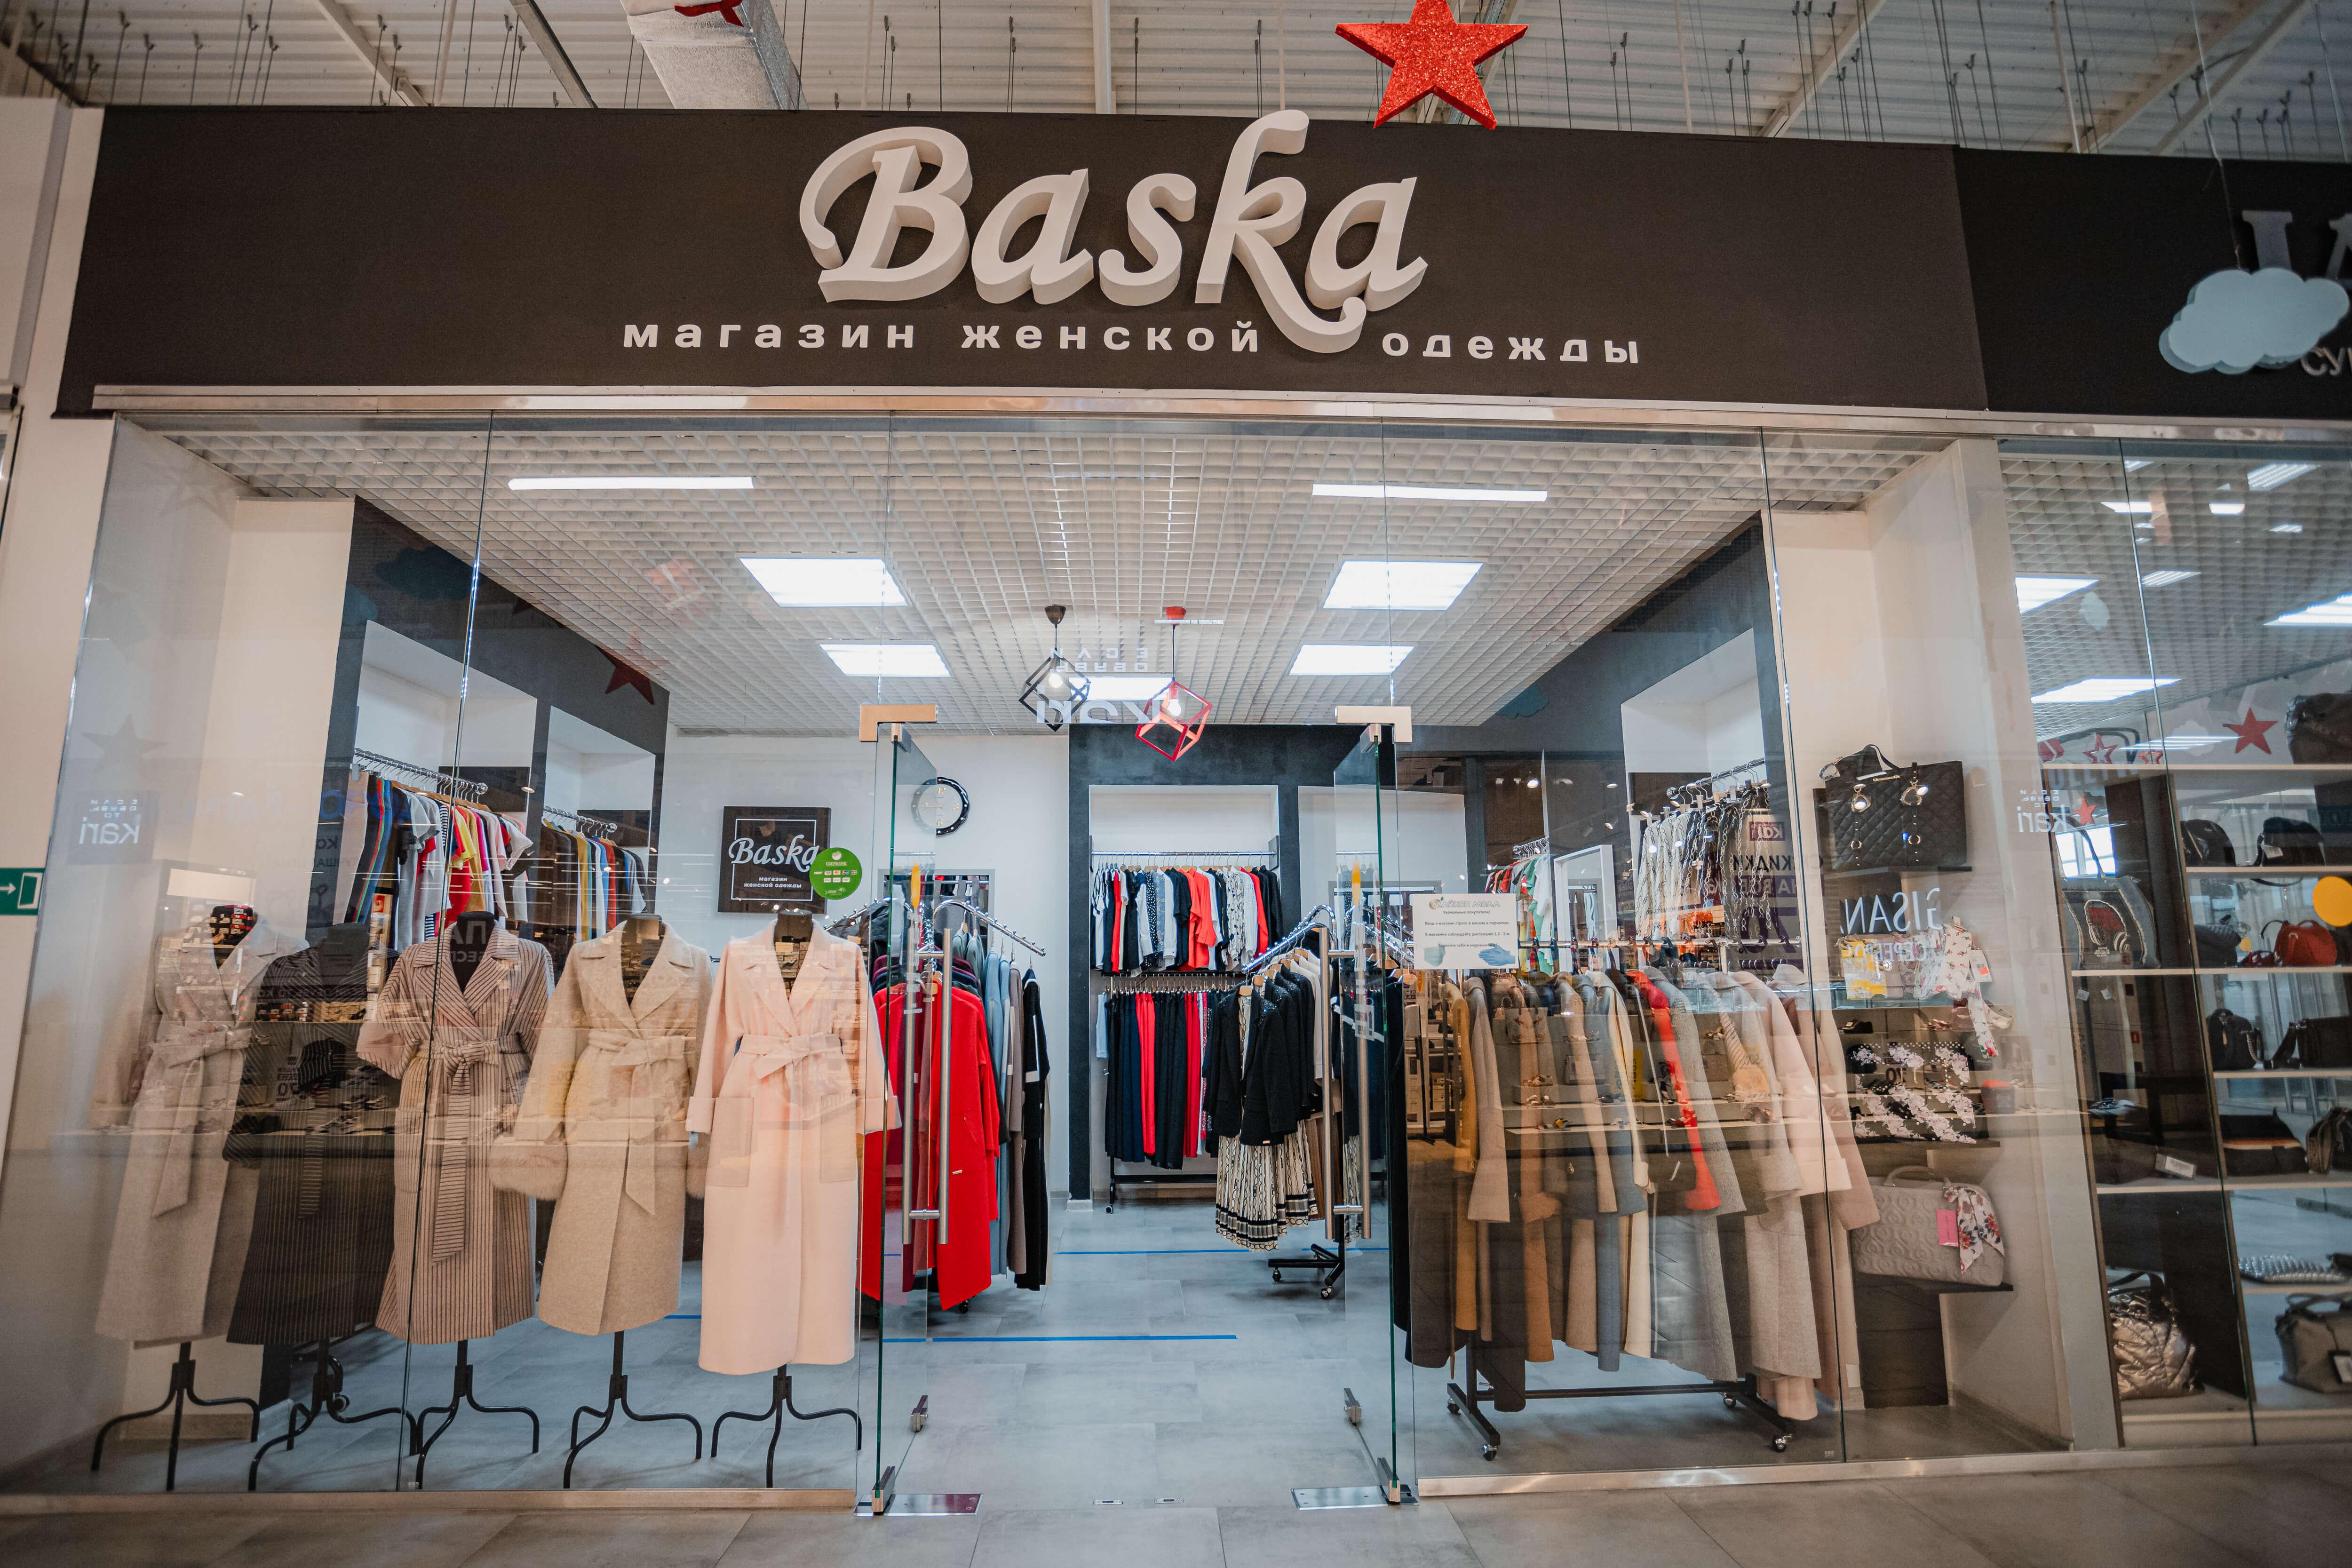 Магазин женского белья майкоп магазин эротического женского белья петербурга